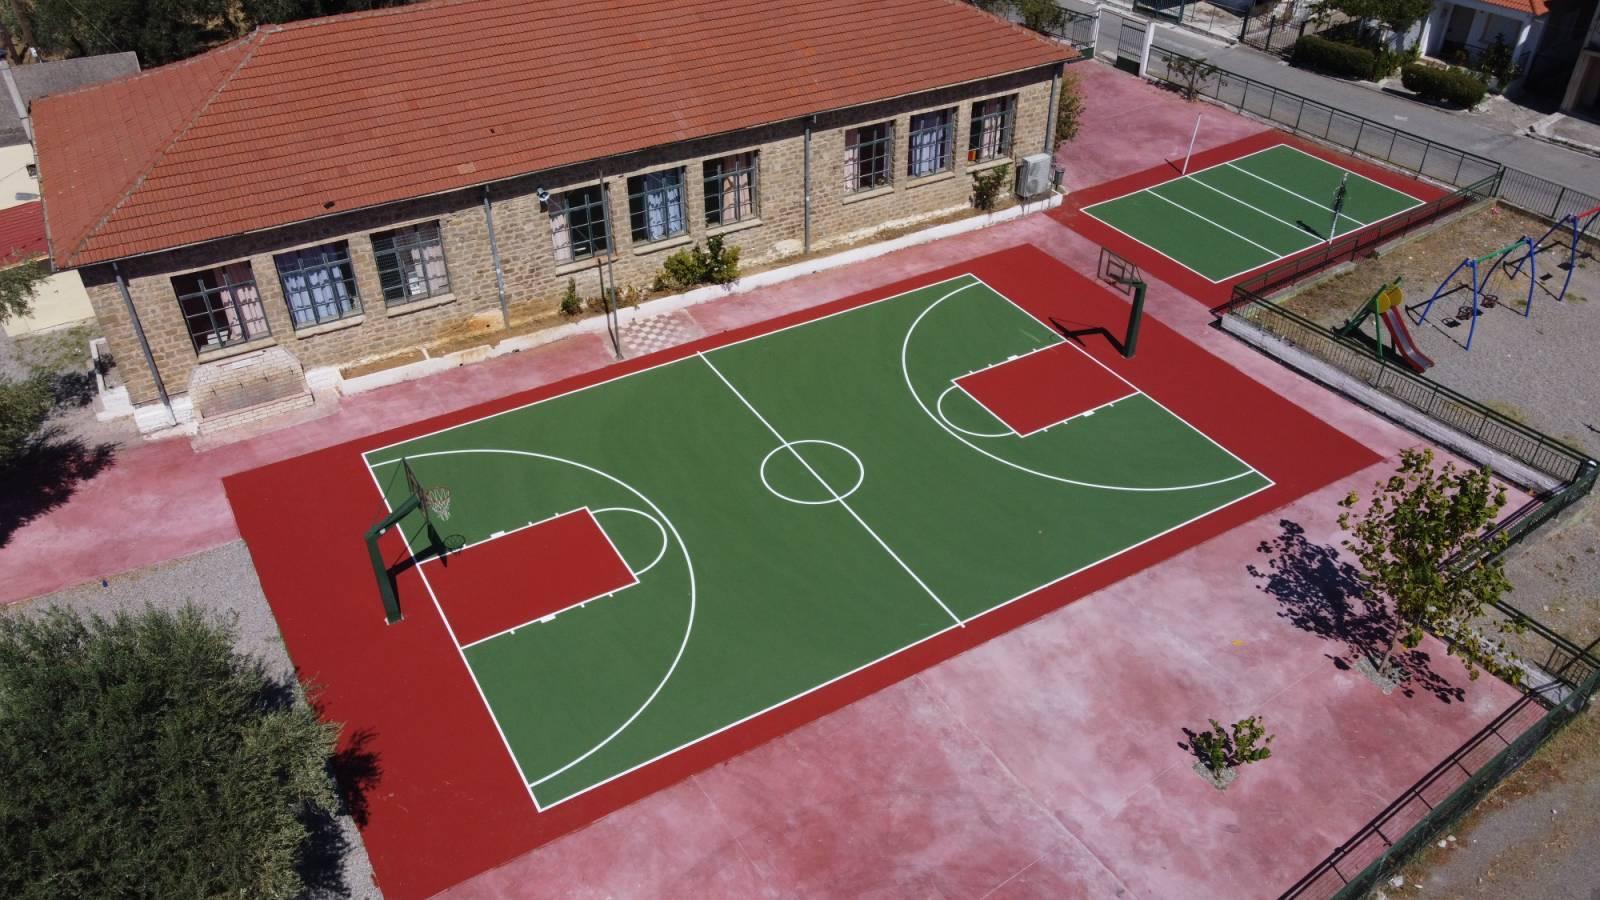 Ολοκληρώθηκε η ανάπλαση του προαυλίου του 2ου Δημοτικού σχολείου Παναιτωλίου